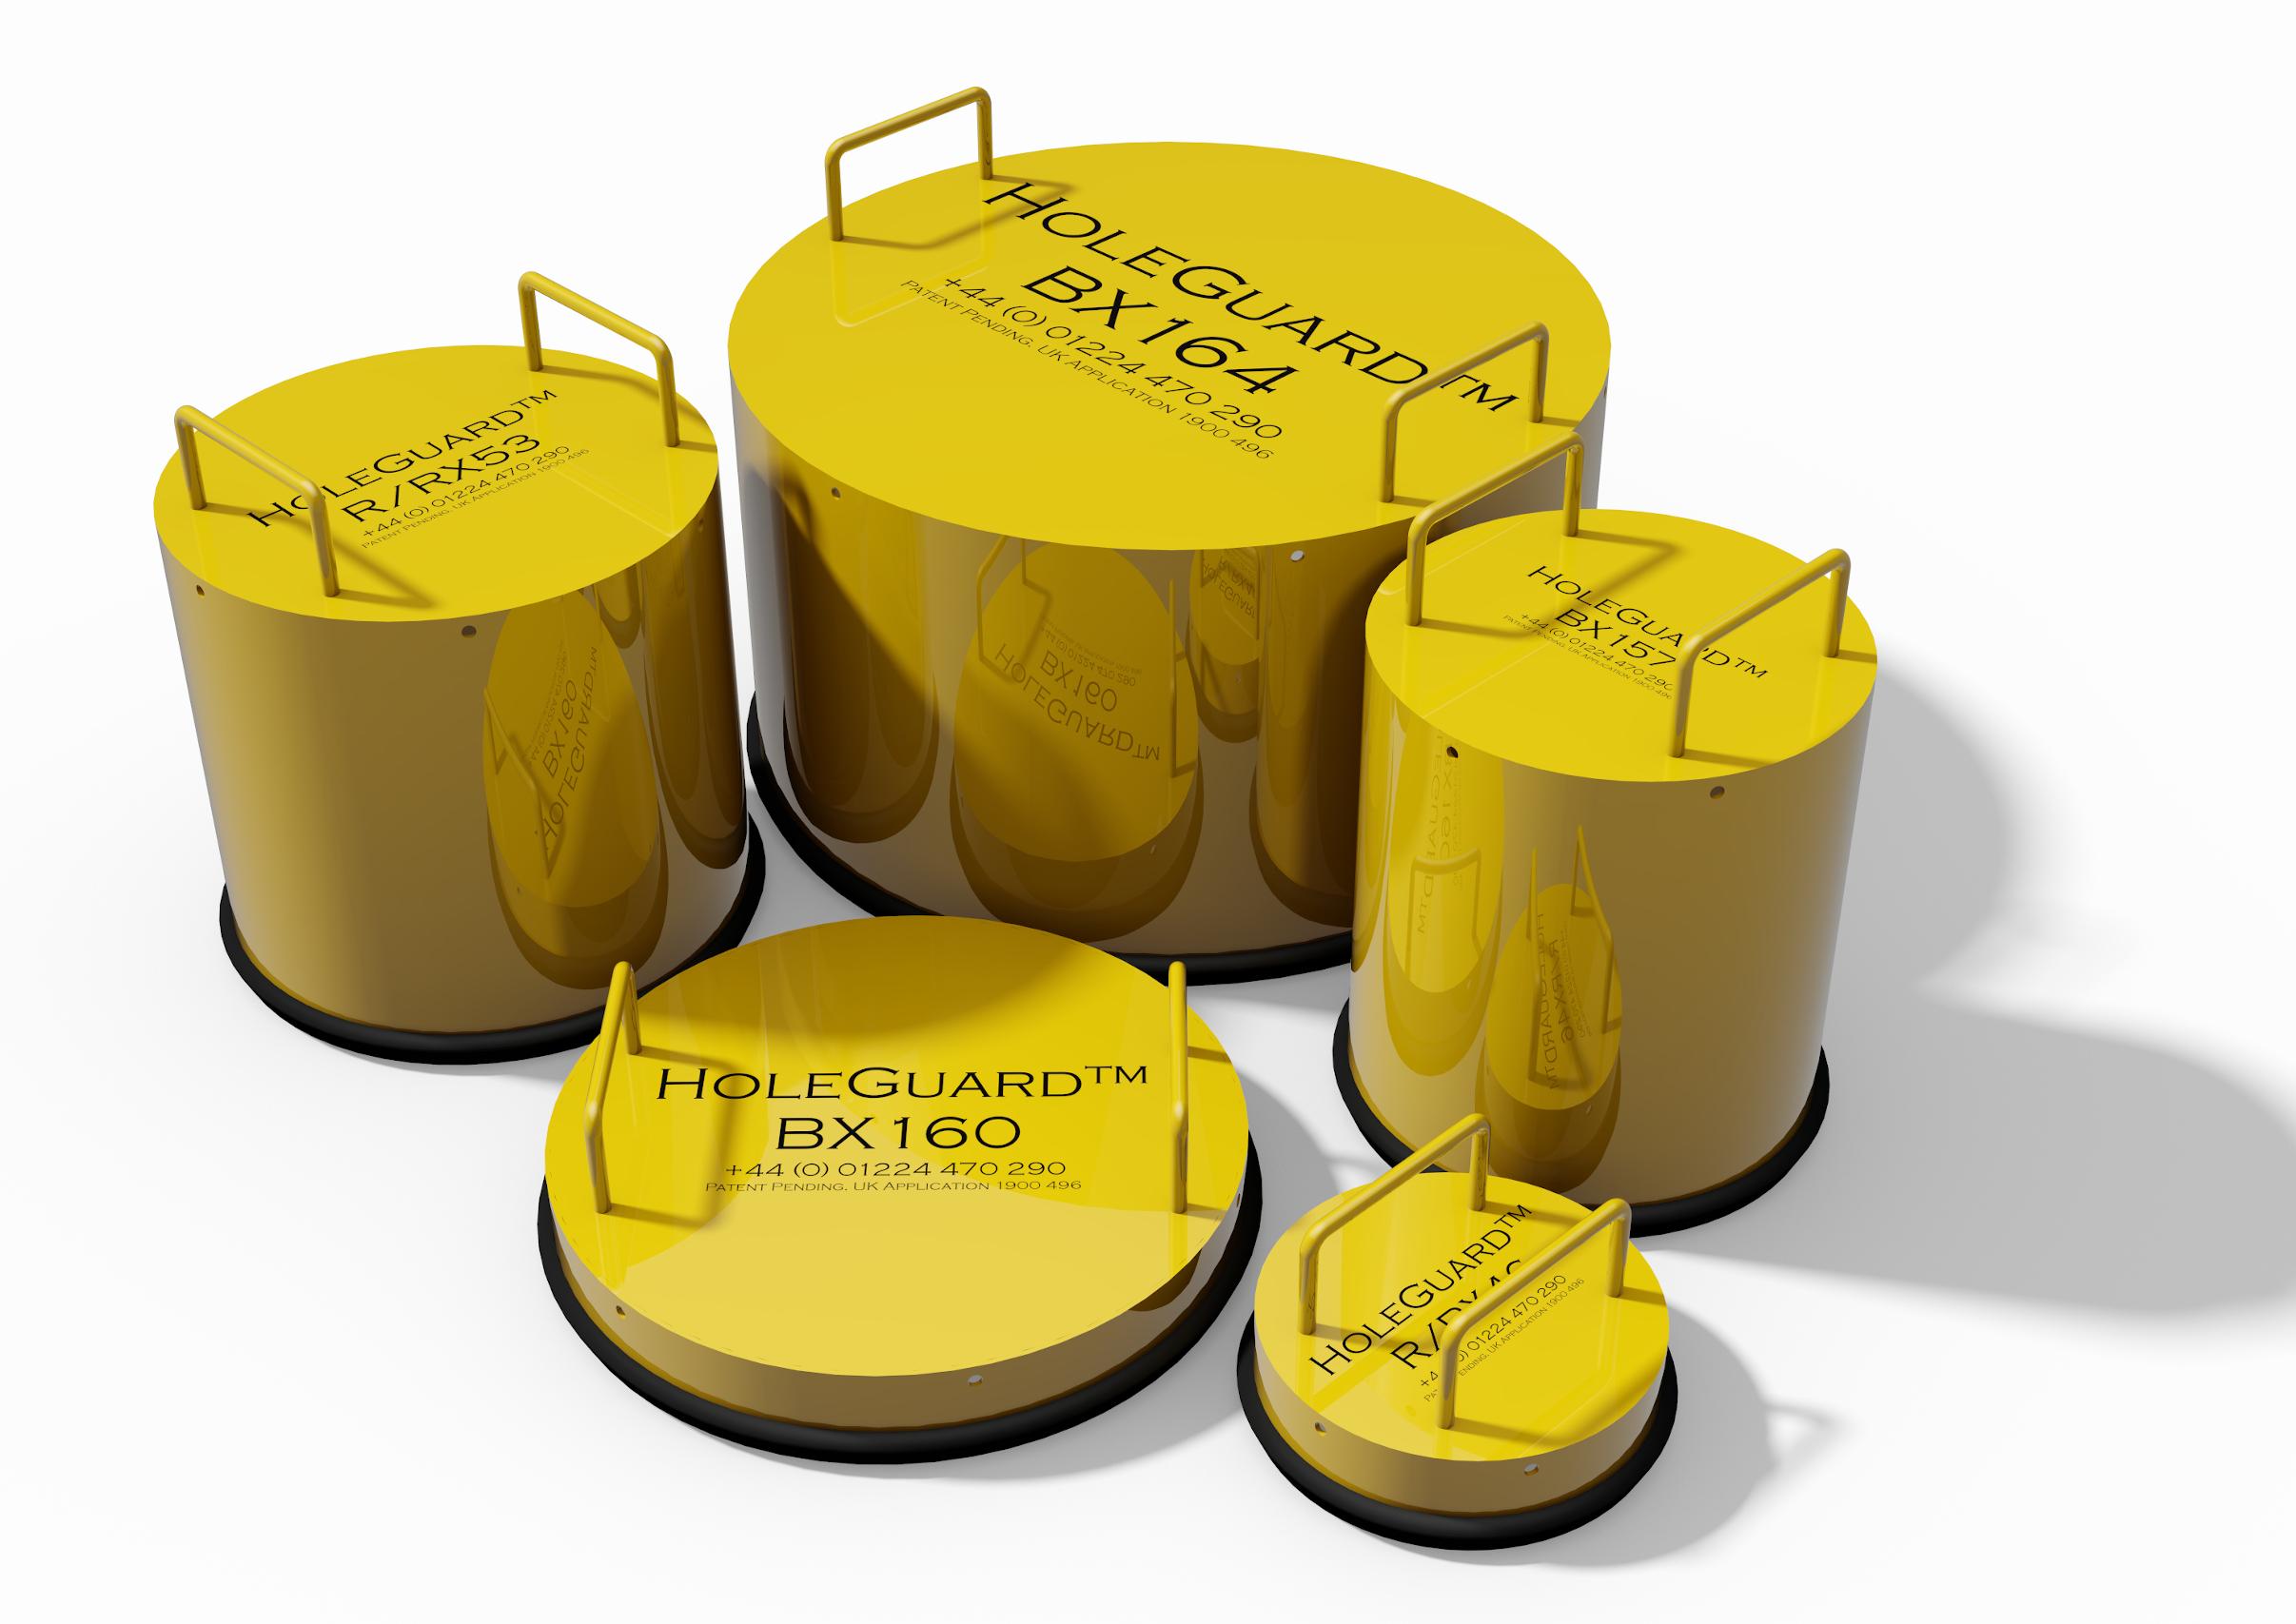 HoleGuard Product Image